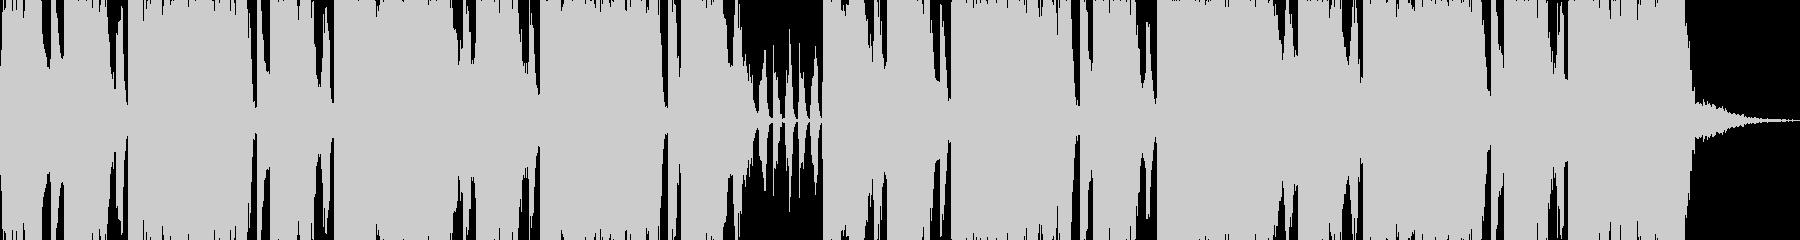 ロックエレキが気持ち良い30秒ジングルの未再生の波形